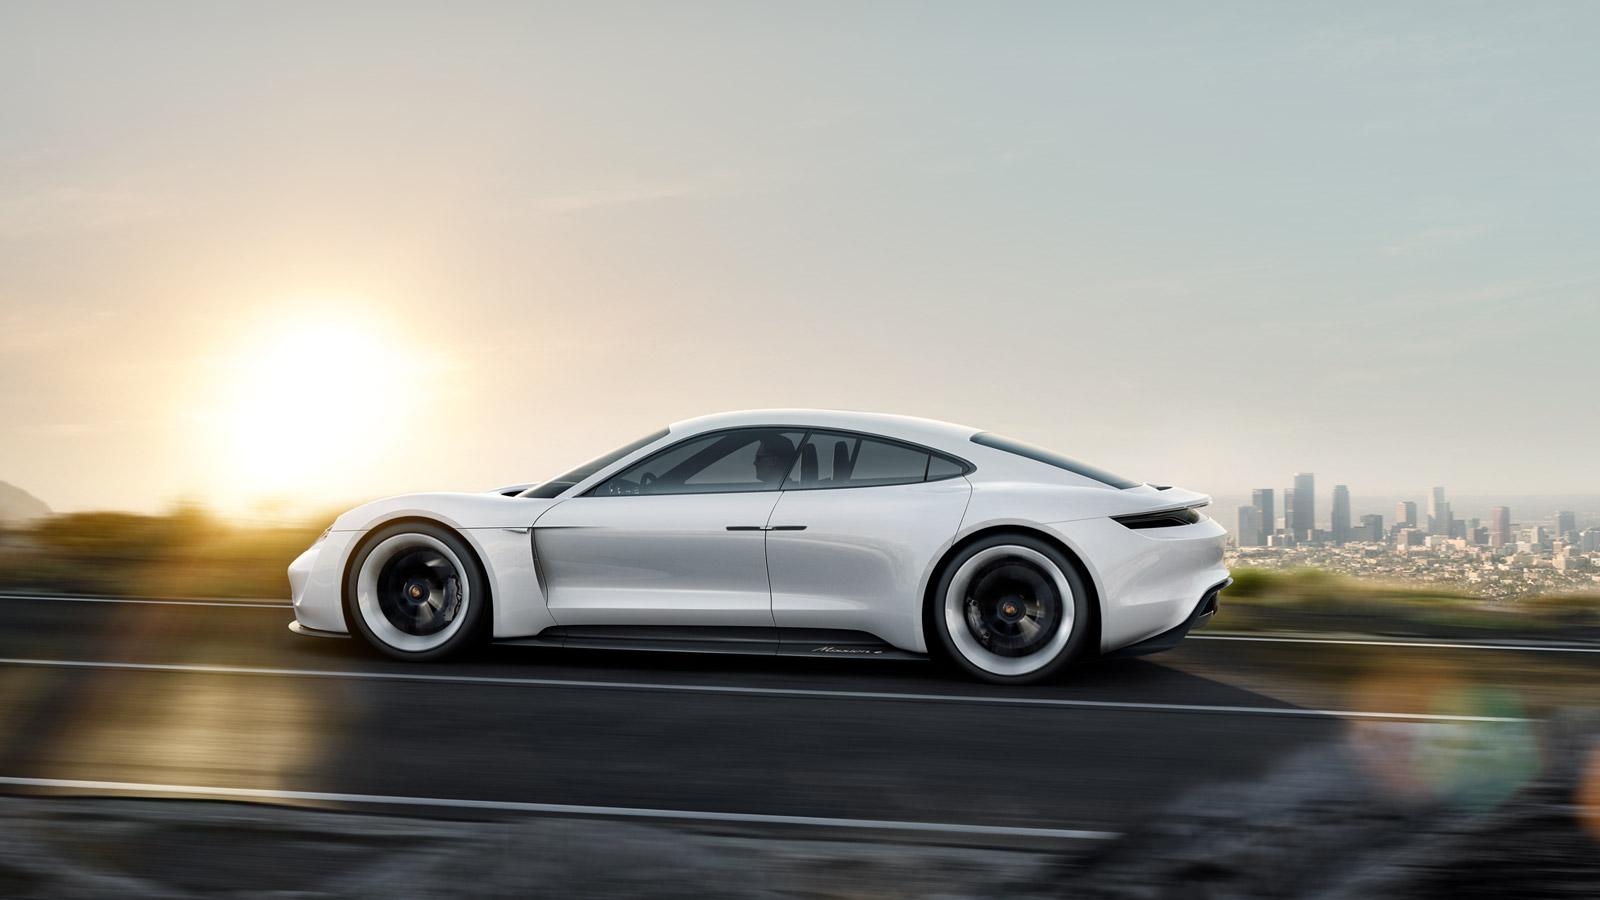 Porsche S Mission E Concept Car Electrifies Frankfurt